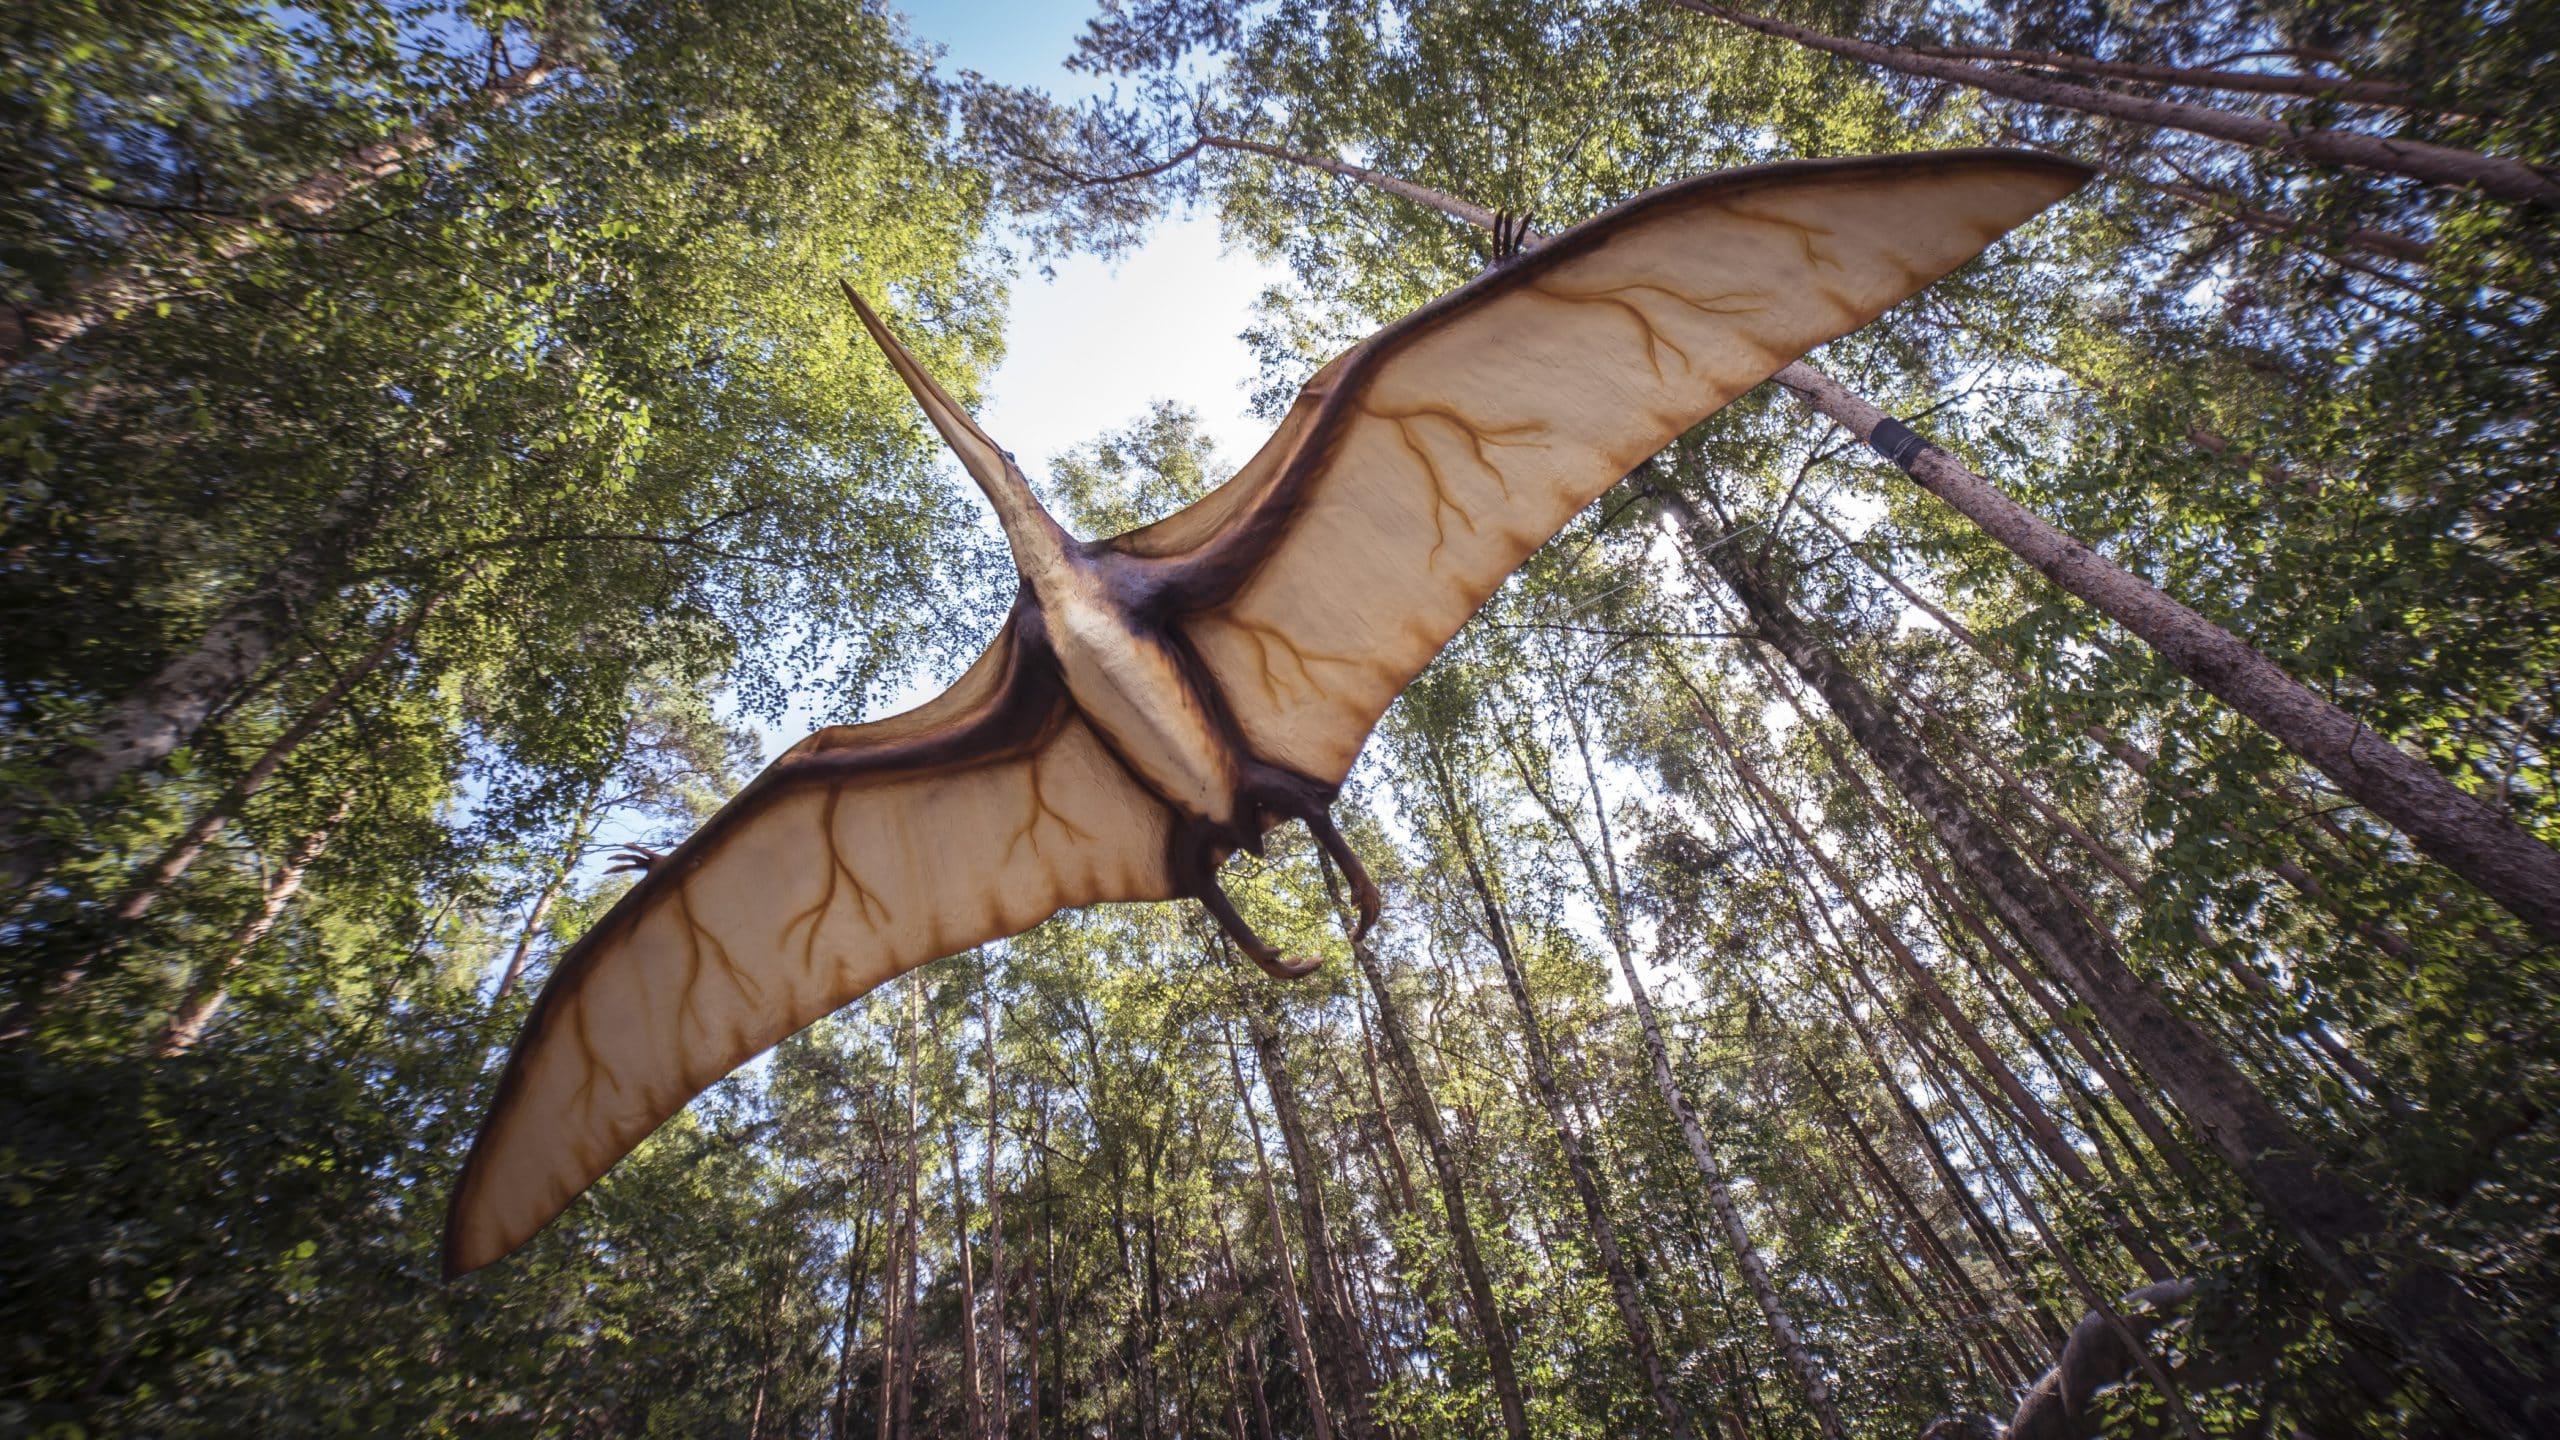 pterosaur, reptile, extinct